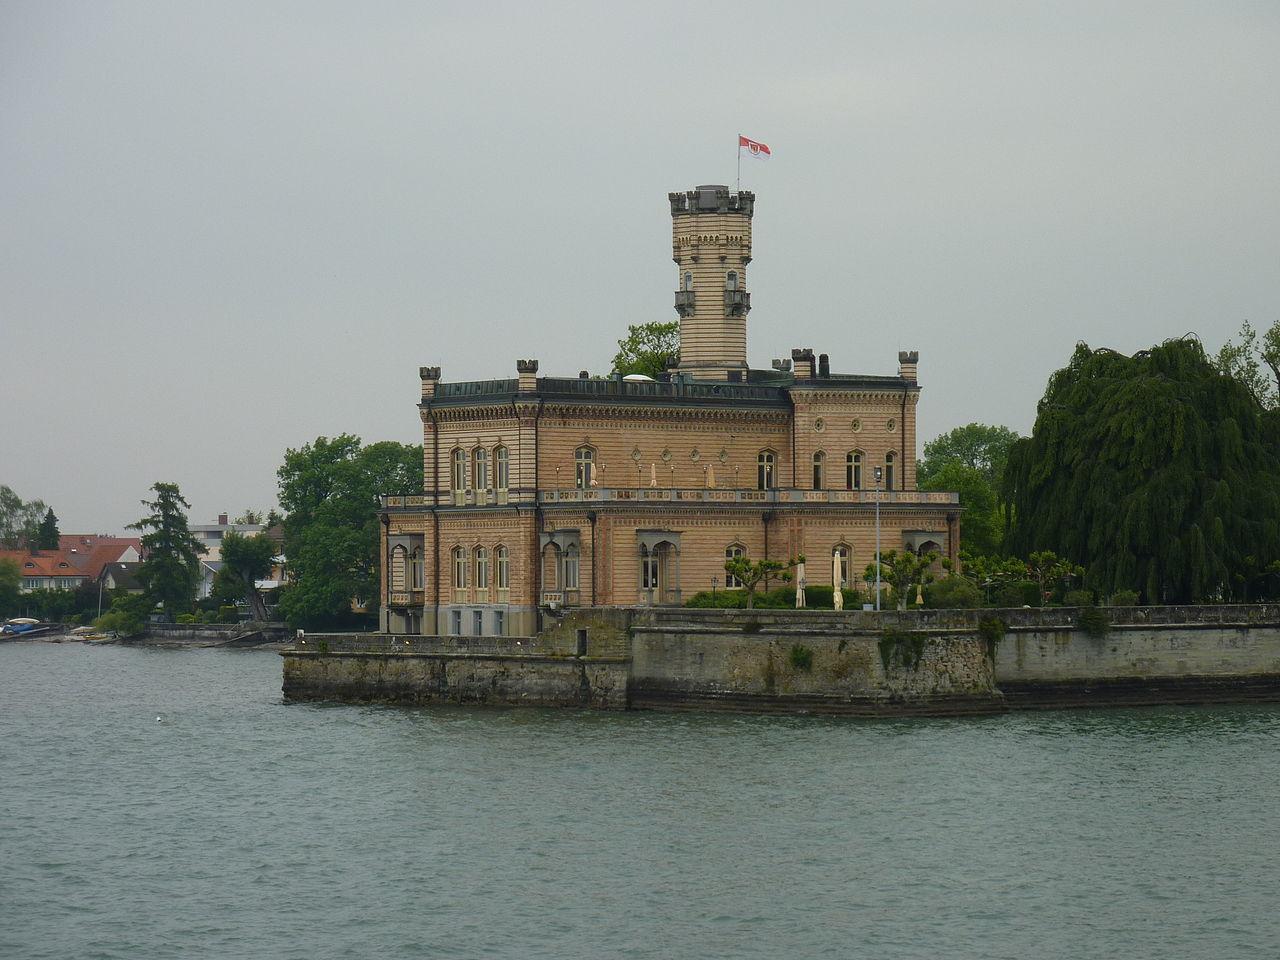 Bild Schloss Montfort Langenargen